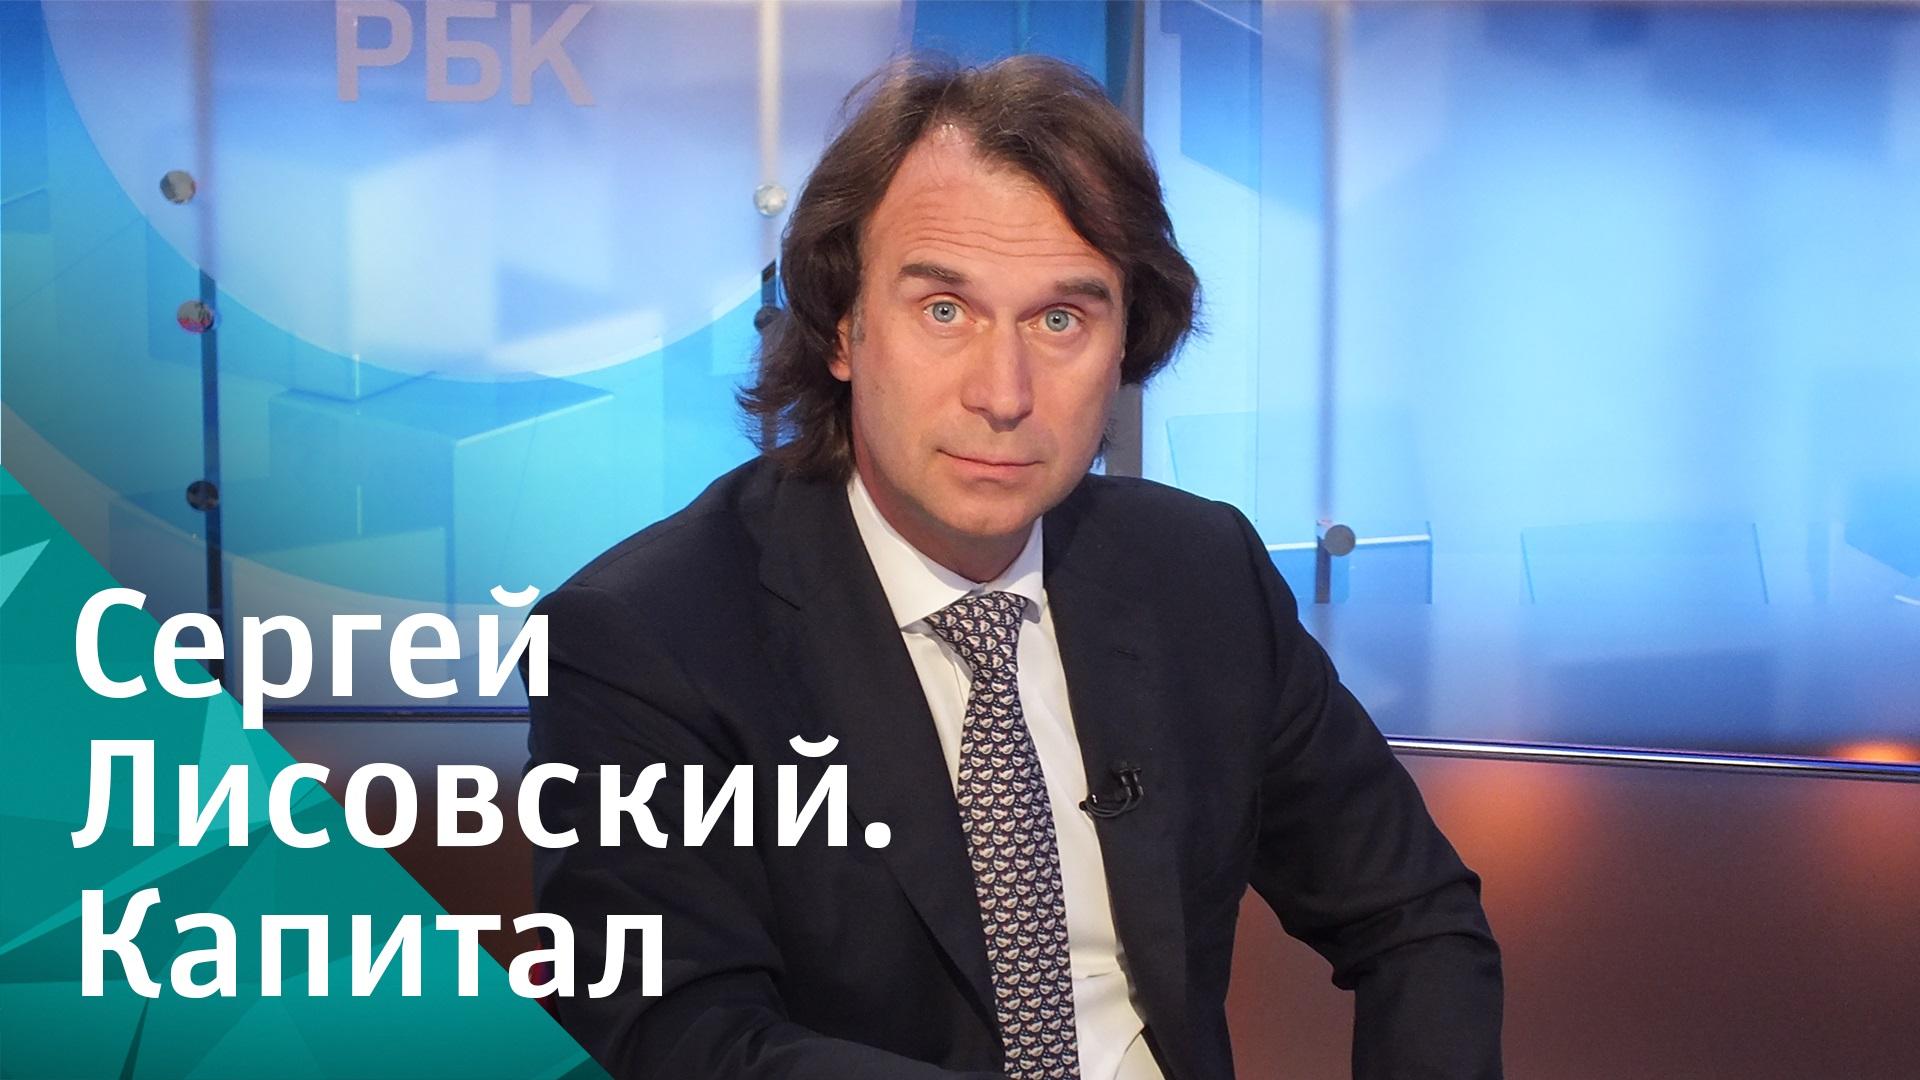 Programme: Сергей Лисовский. Капитал